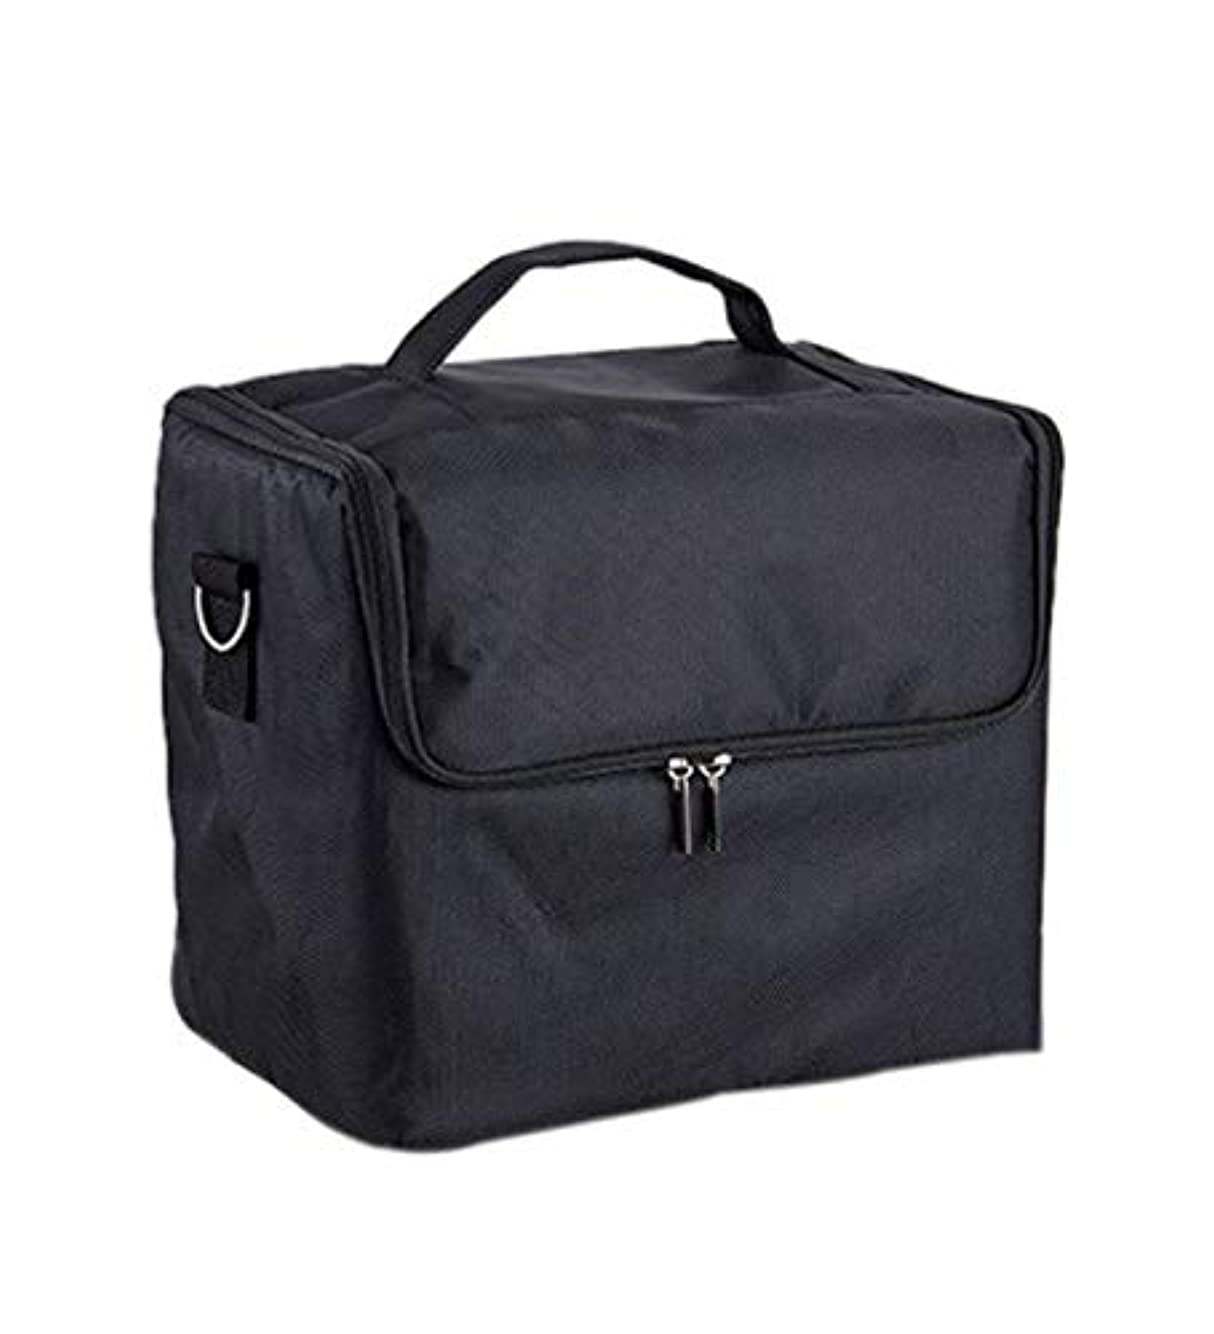 社会学警察山積みの化粧箱、大容量多機能化粧品ケース、ポータブル旅行化粧品袋収納袋、美容化粧ネイルジュエリー収納箱 (Color : ブラック)